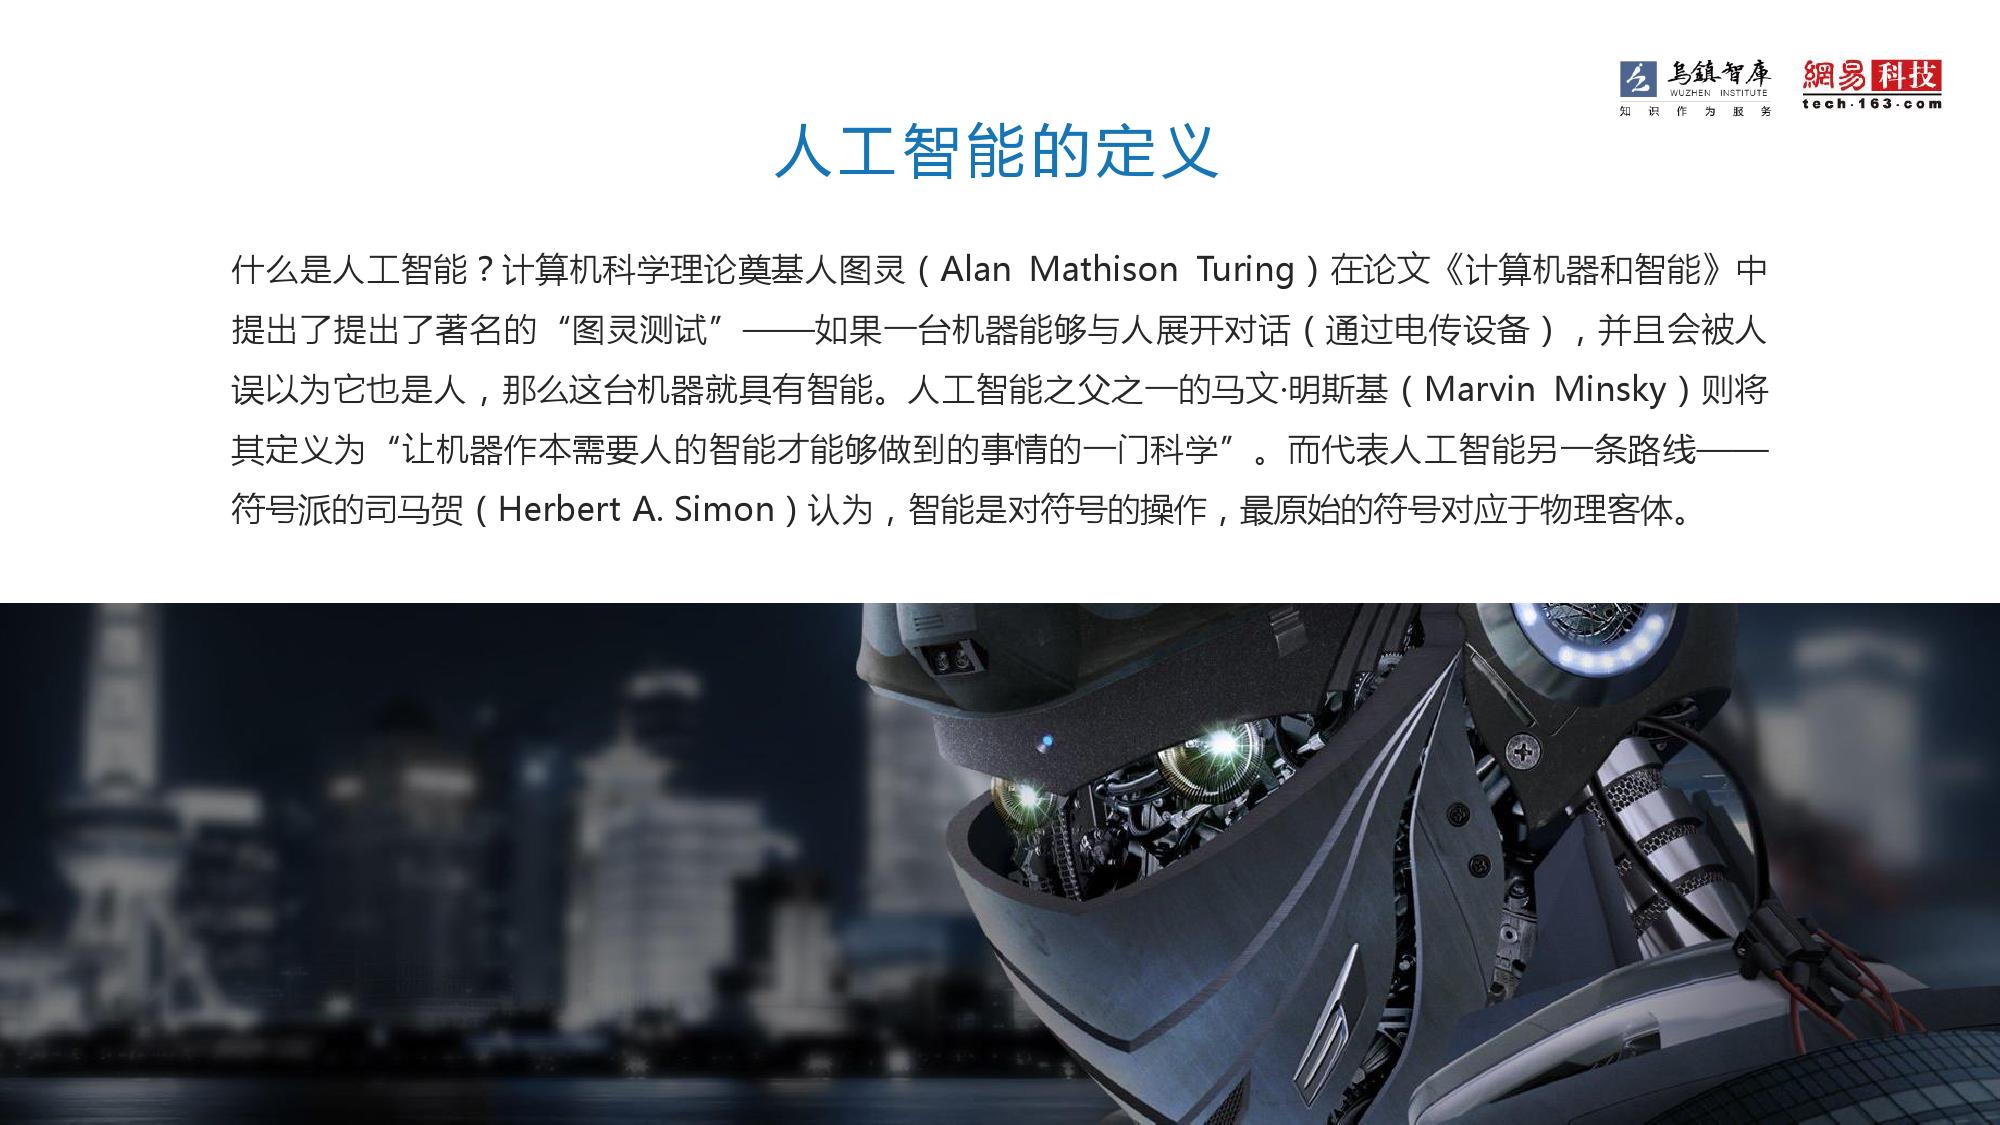 2016年全球人工智能发展报告_000004